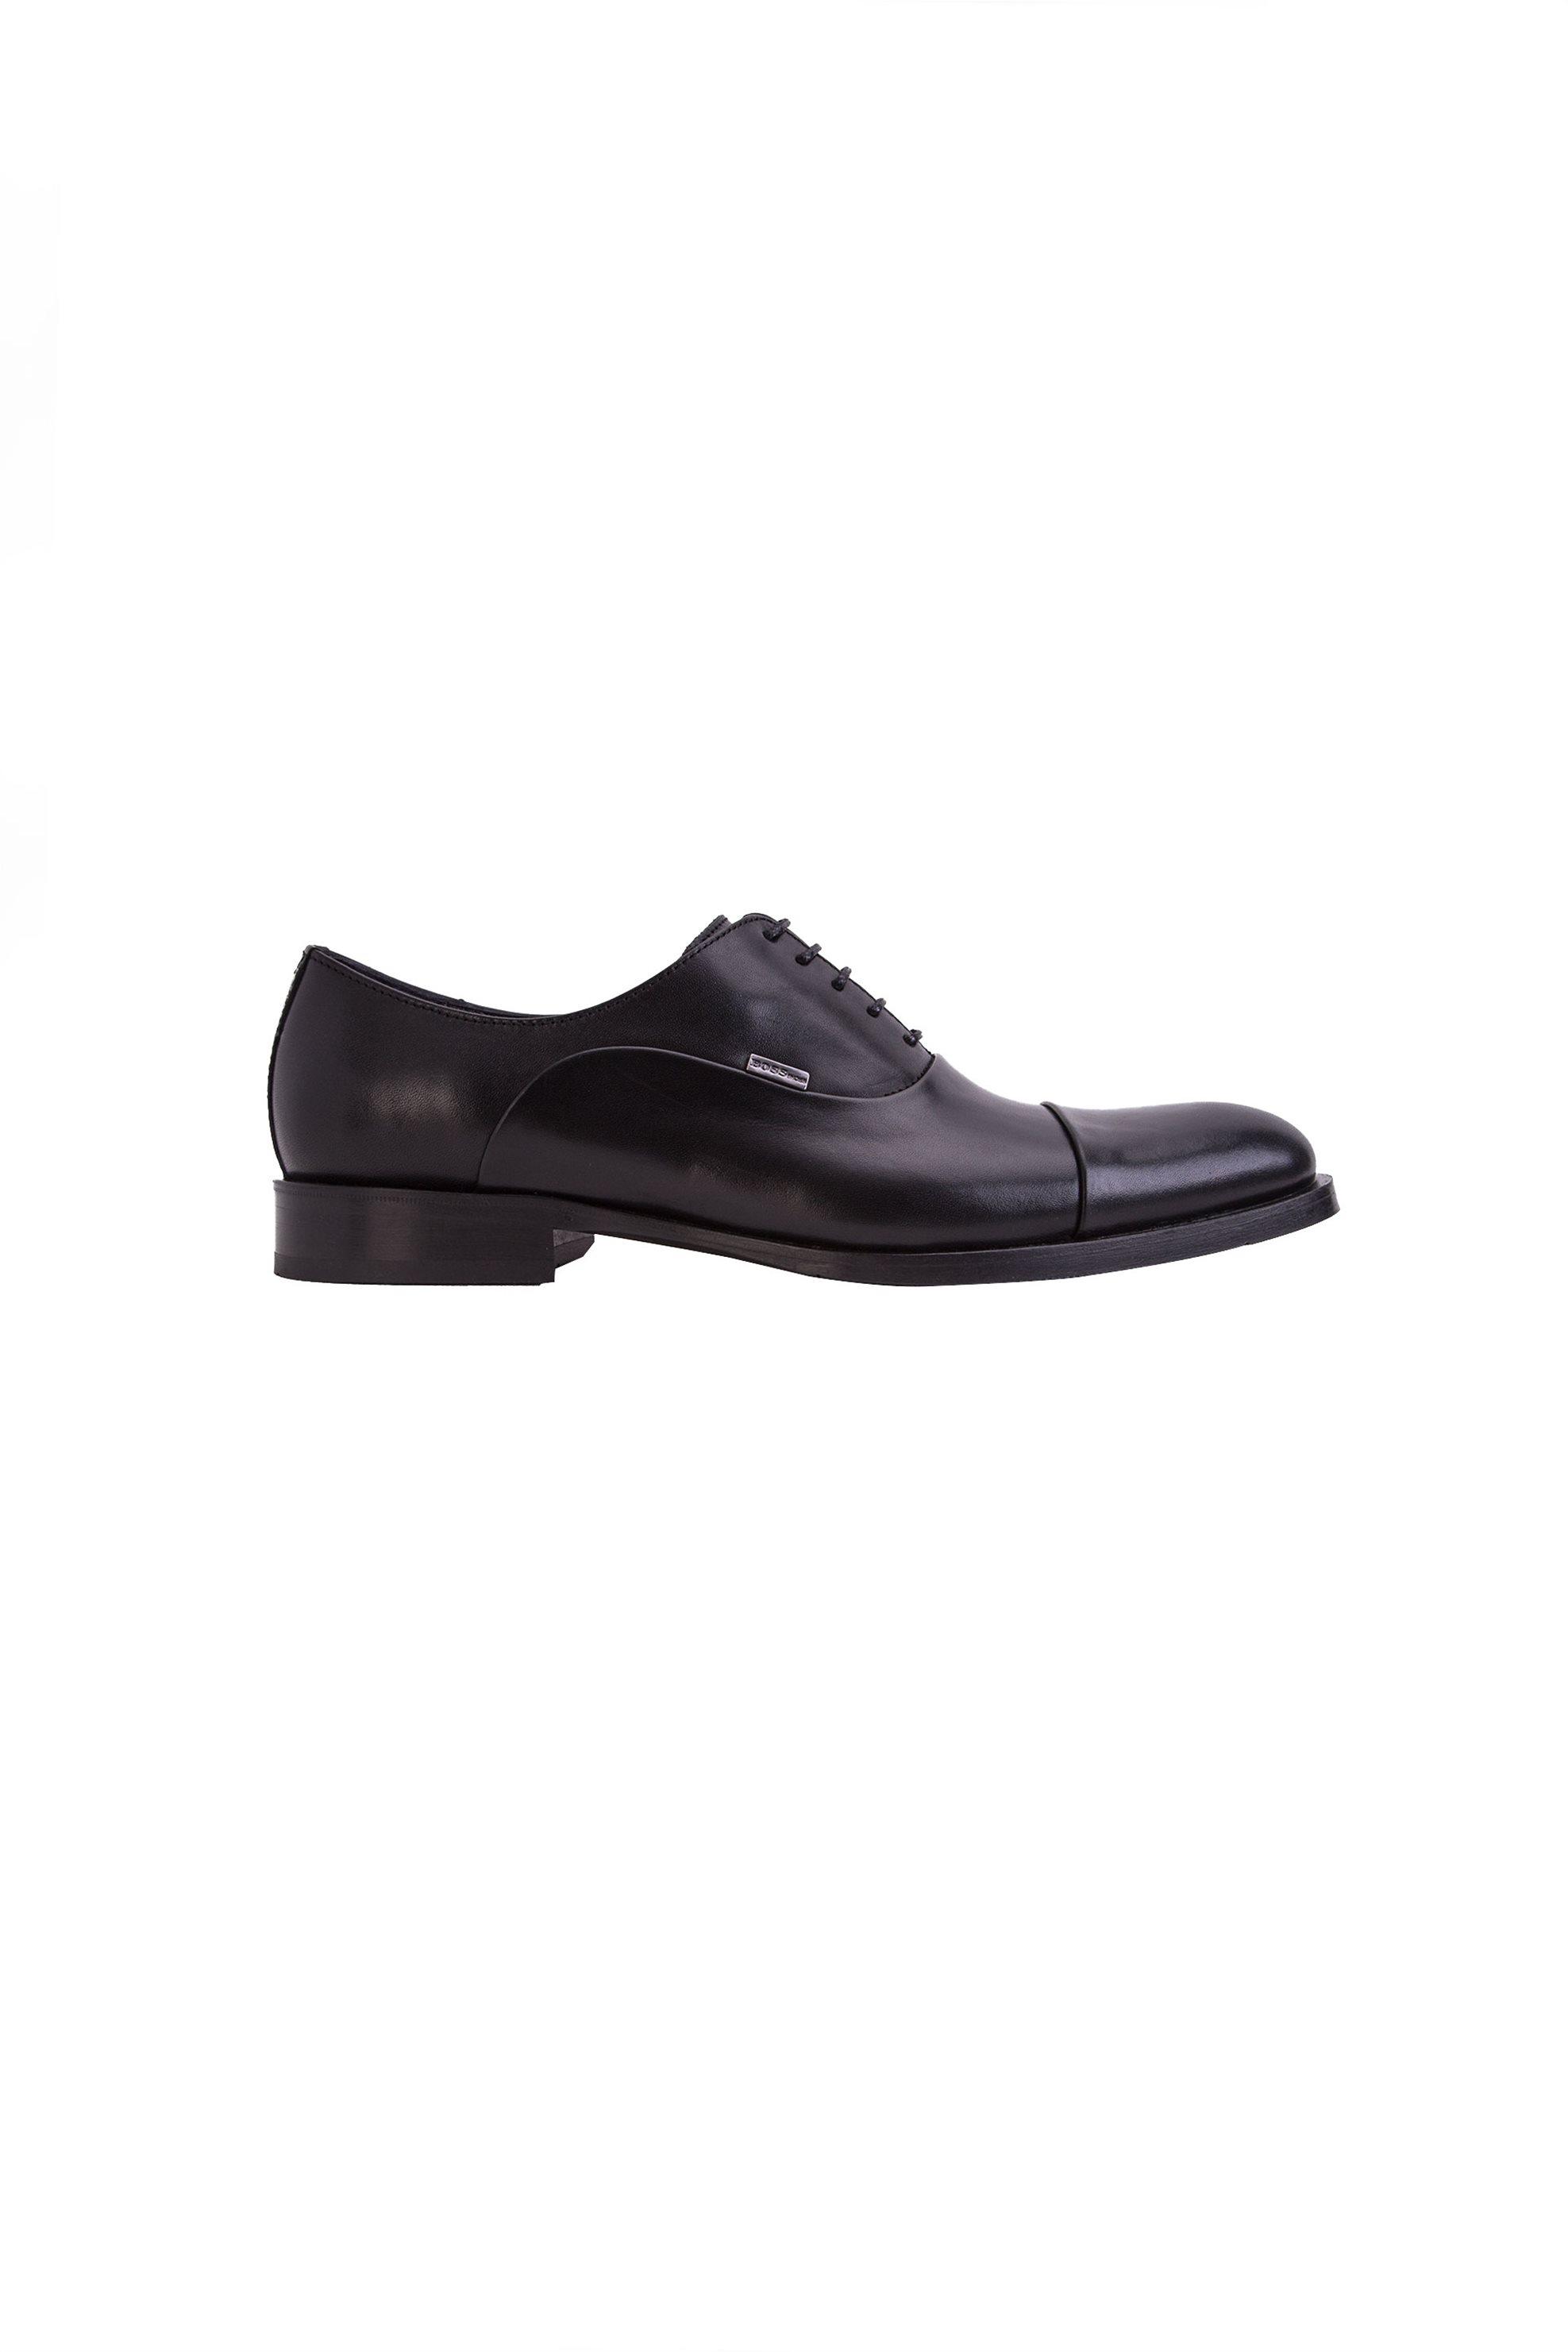 Ανδρικά σκαρπίνια Boss - J5626 - Μαύρο ανδρασ   παπουτσια   σκαρπίνια   oxford